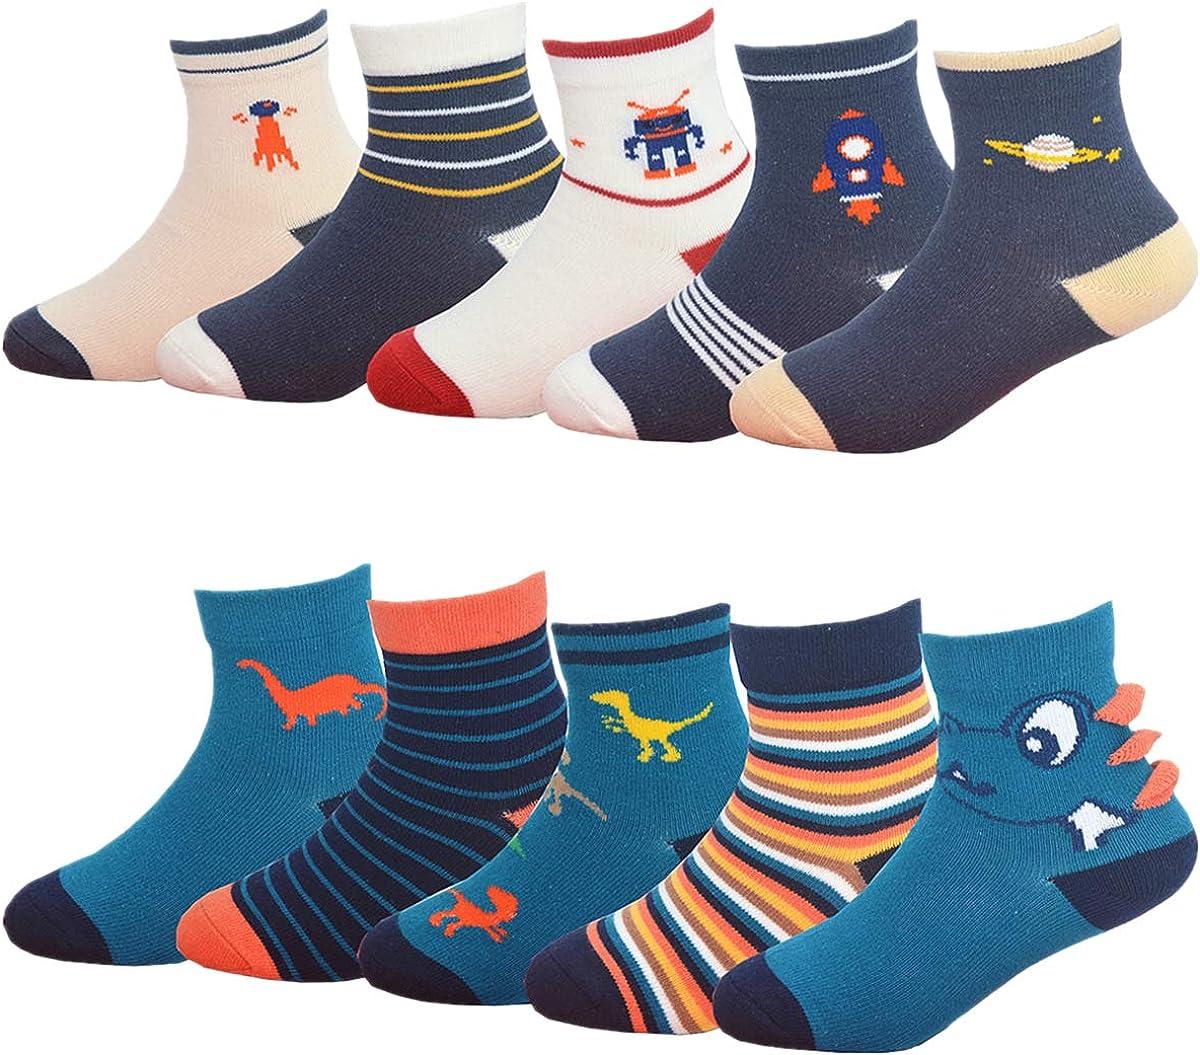 Toddler Dinosaur Cotton Crew Socks for Little Kids, Gifts for Boys